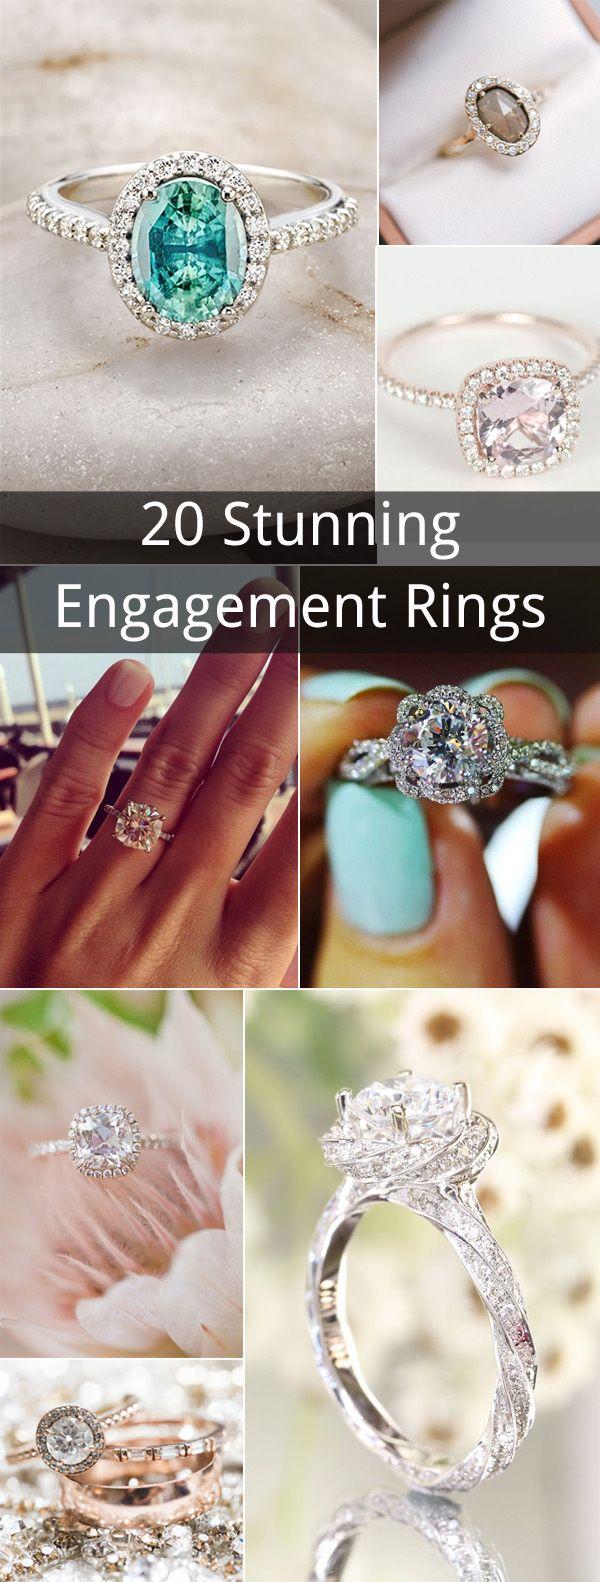 wedding mudding wedding rings top 20 stunning wedding engagement rings to love